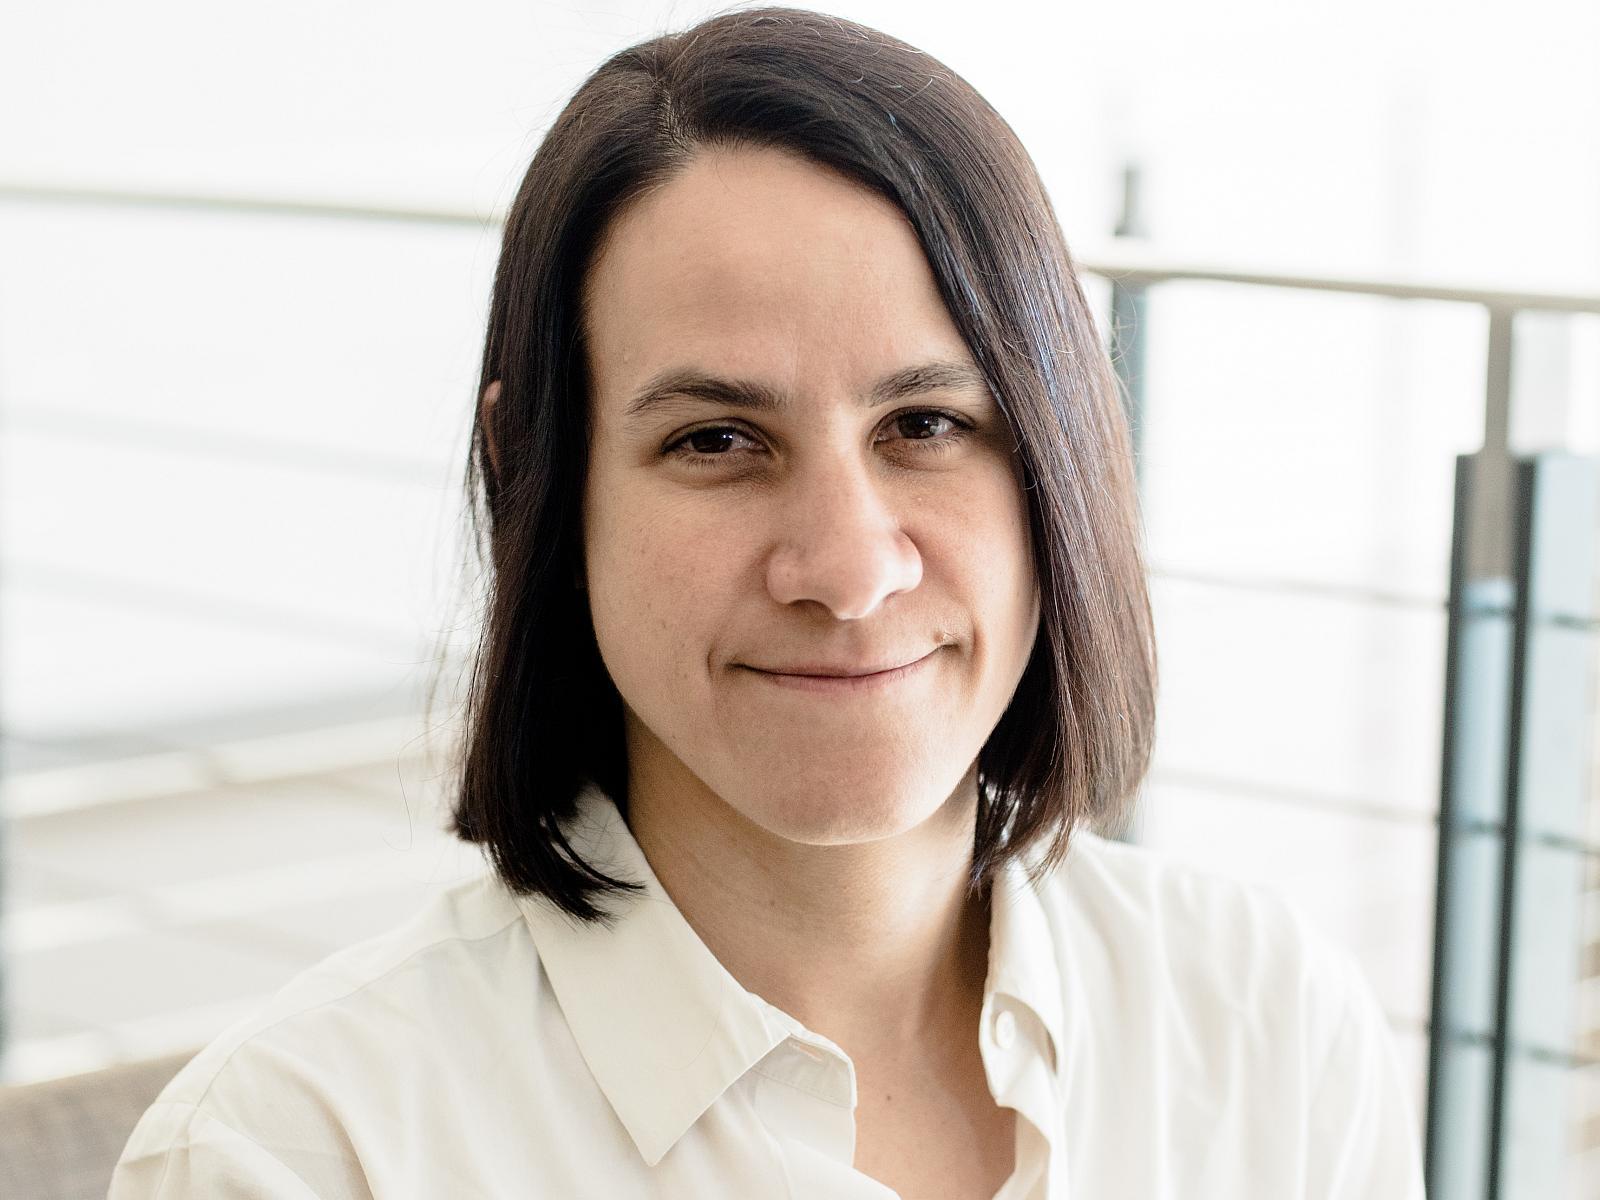 Portrait of Delia Milliron